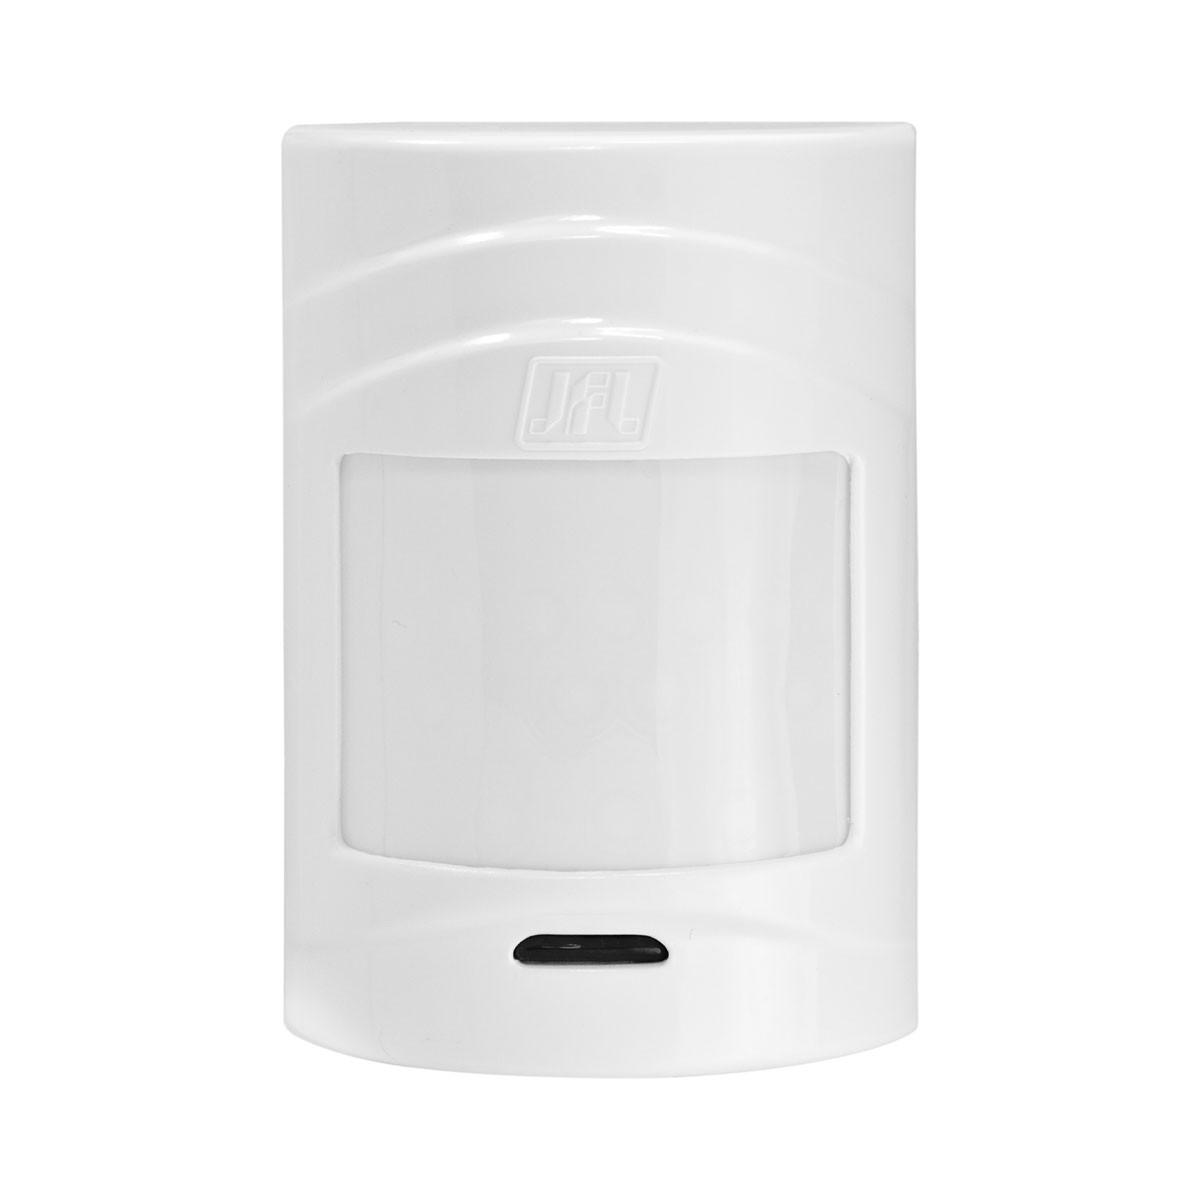 Kit Alarme SmartCloud 18 Jfl Com Sensores IrPet 530 Sf E Shc Fit Sem Fio